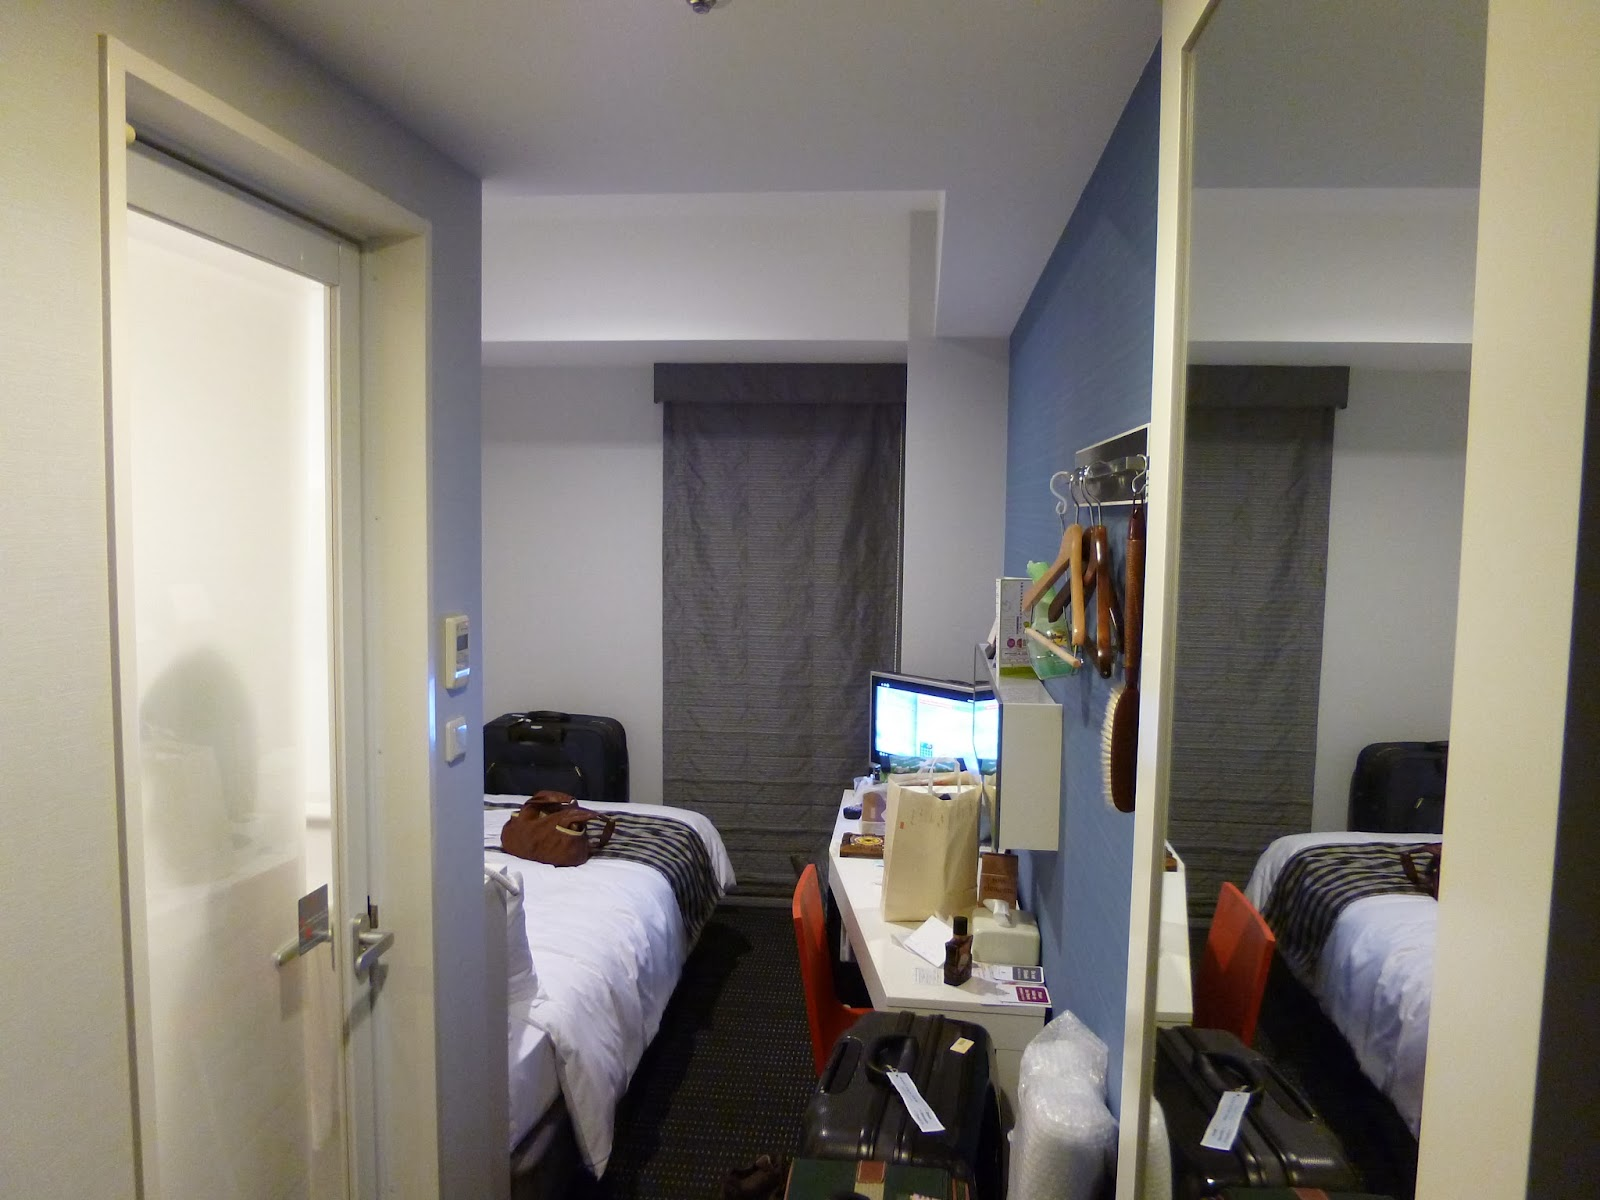 Un mexicano en jap n cu nto cuesta viajar a jap n for Cuanto cuesta una habitacion en un hotel